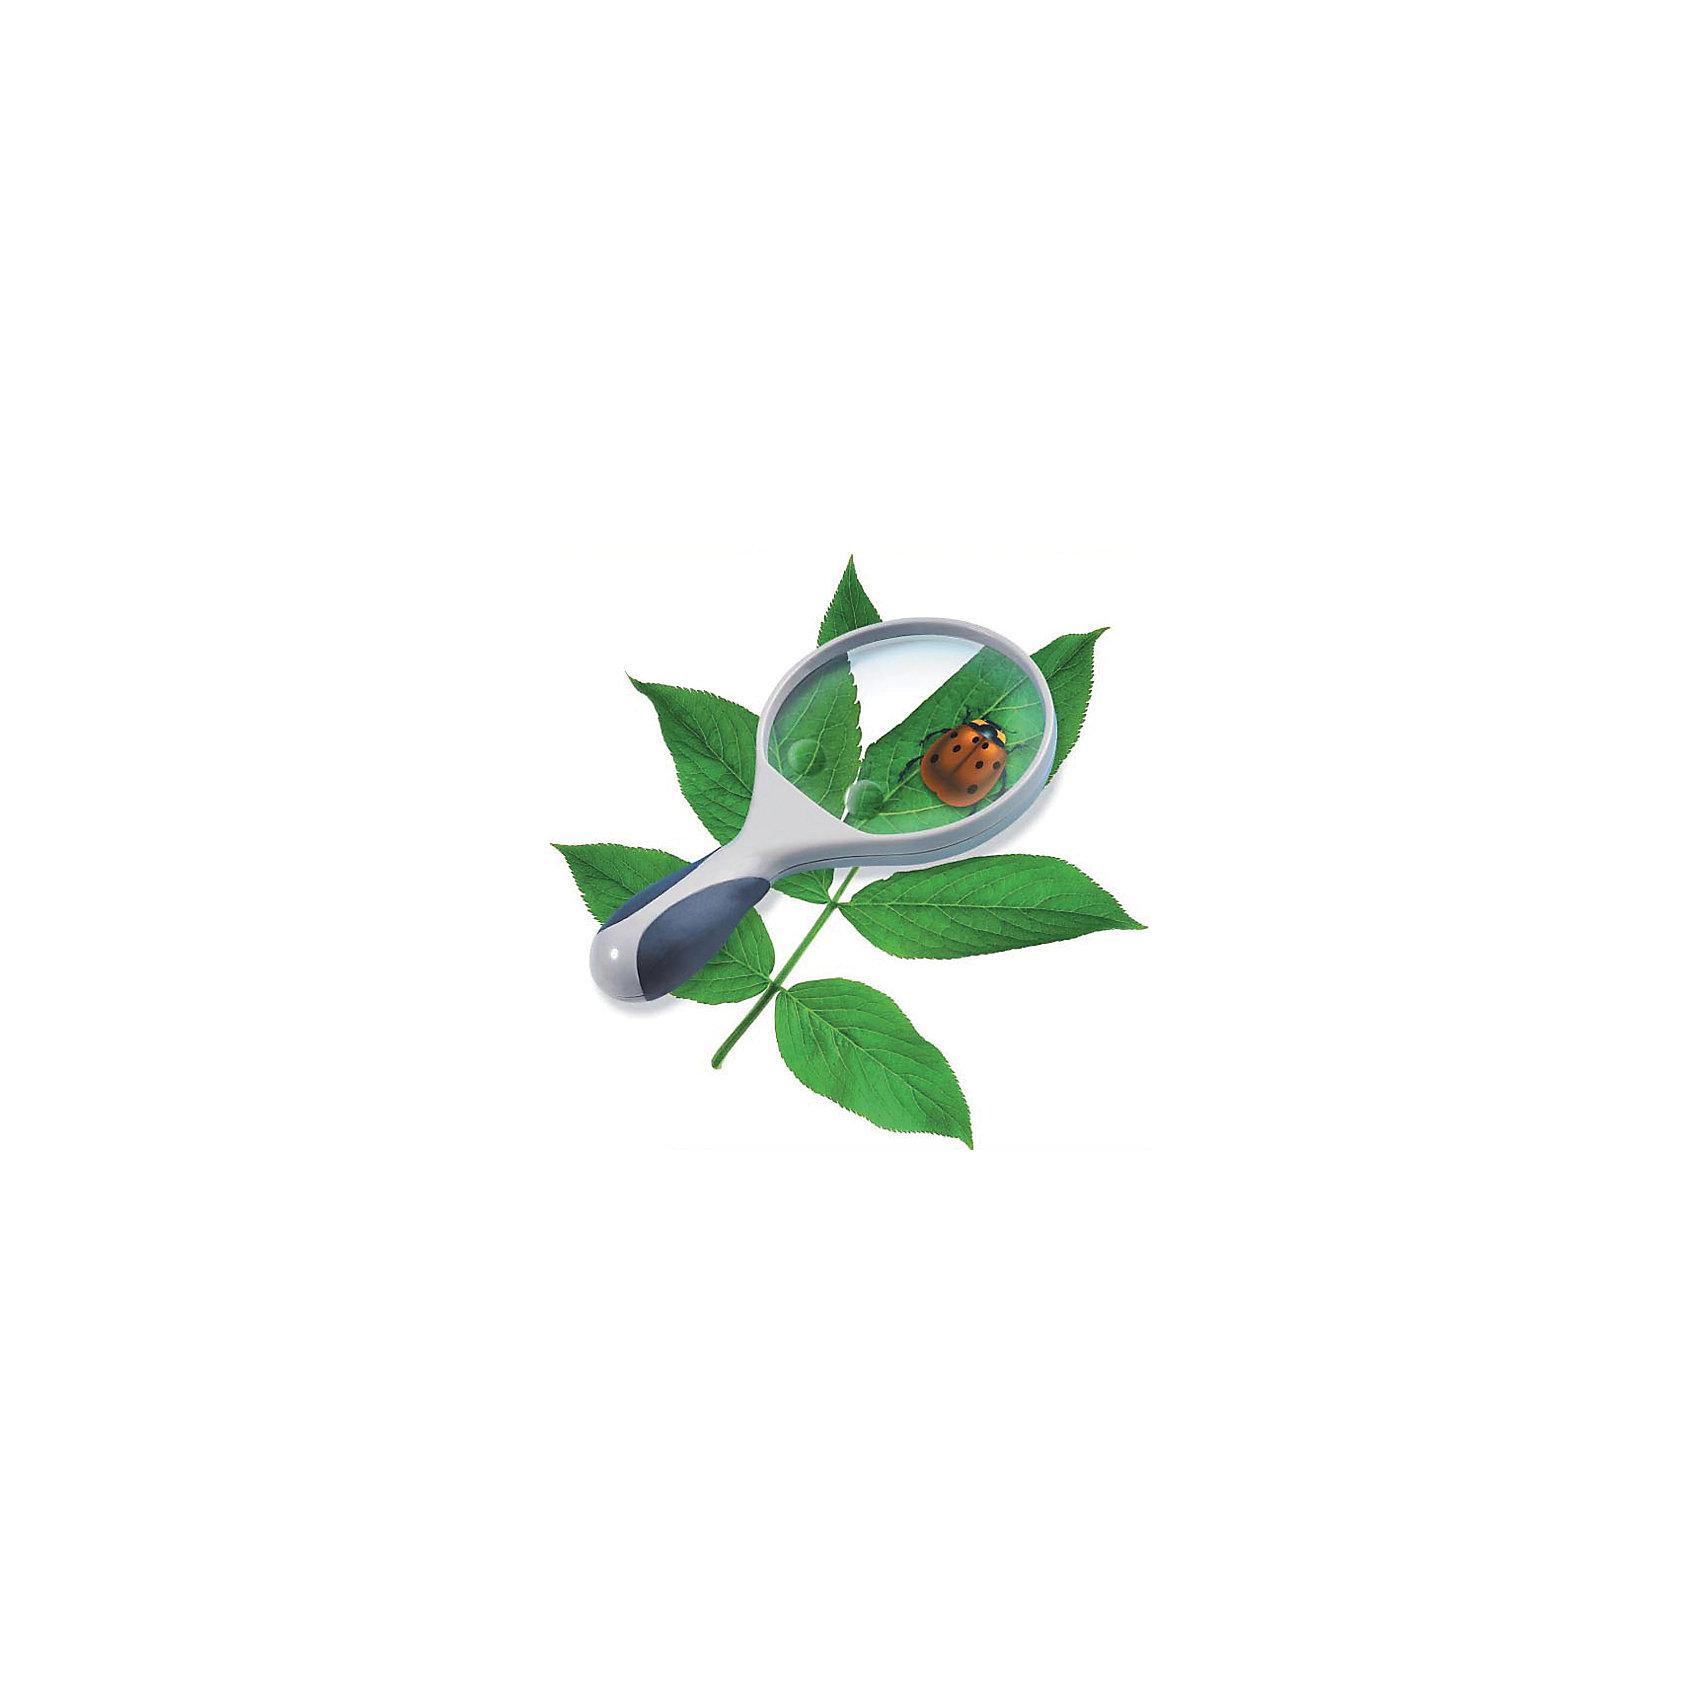 Лупа, Edu-ToysЛупа, Edu-Toys станет замечательным помощником для Вашего ребенка в его исследованиях окружающего мира и природы. Высококачественная стеклянная оптика обеспечивает отличное качество изображения. Лупа имеет диаметр 10 см. и 2-кратное увеличение, а также два миниатюрных окошечка с 3-х и 4-х кратным увеличением. Ручка оснащена резиновыми вставками для удобства держания.<br><br>Дополнительная информация:<br><br>- Материал: пластик, стекло.<br>- Диаметр: 10 см.<br>- Длина лупы: 19,5 см.<br>- Размер упаковки: 22 х 13,5 х 3 см.<br>- Вес: 210 гр.<br><br>Лупу, Edu-Toys, можно купить в нашем интернет-магазине.<br><br>Ширина мм: 110<br>Глубина мм: 30<br>Высота мм: 150<br>Вес г: 210<br>Возраст от месяцев: 96<br>Возраст до месяцев: 144<br>Пол: Унисекс<br>Возраст: Детский<br>SKU: 4013708